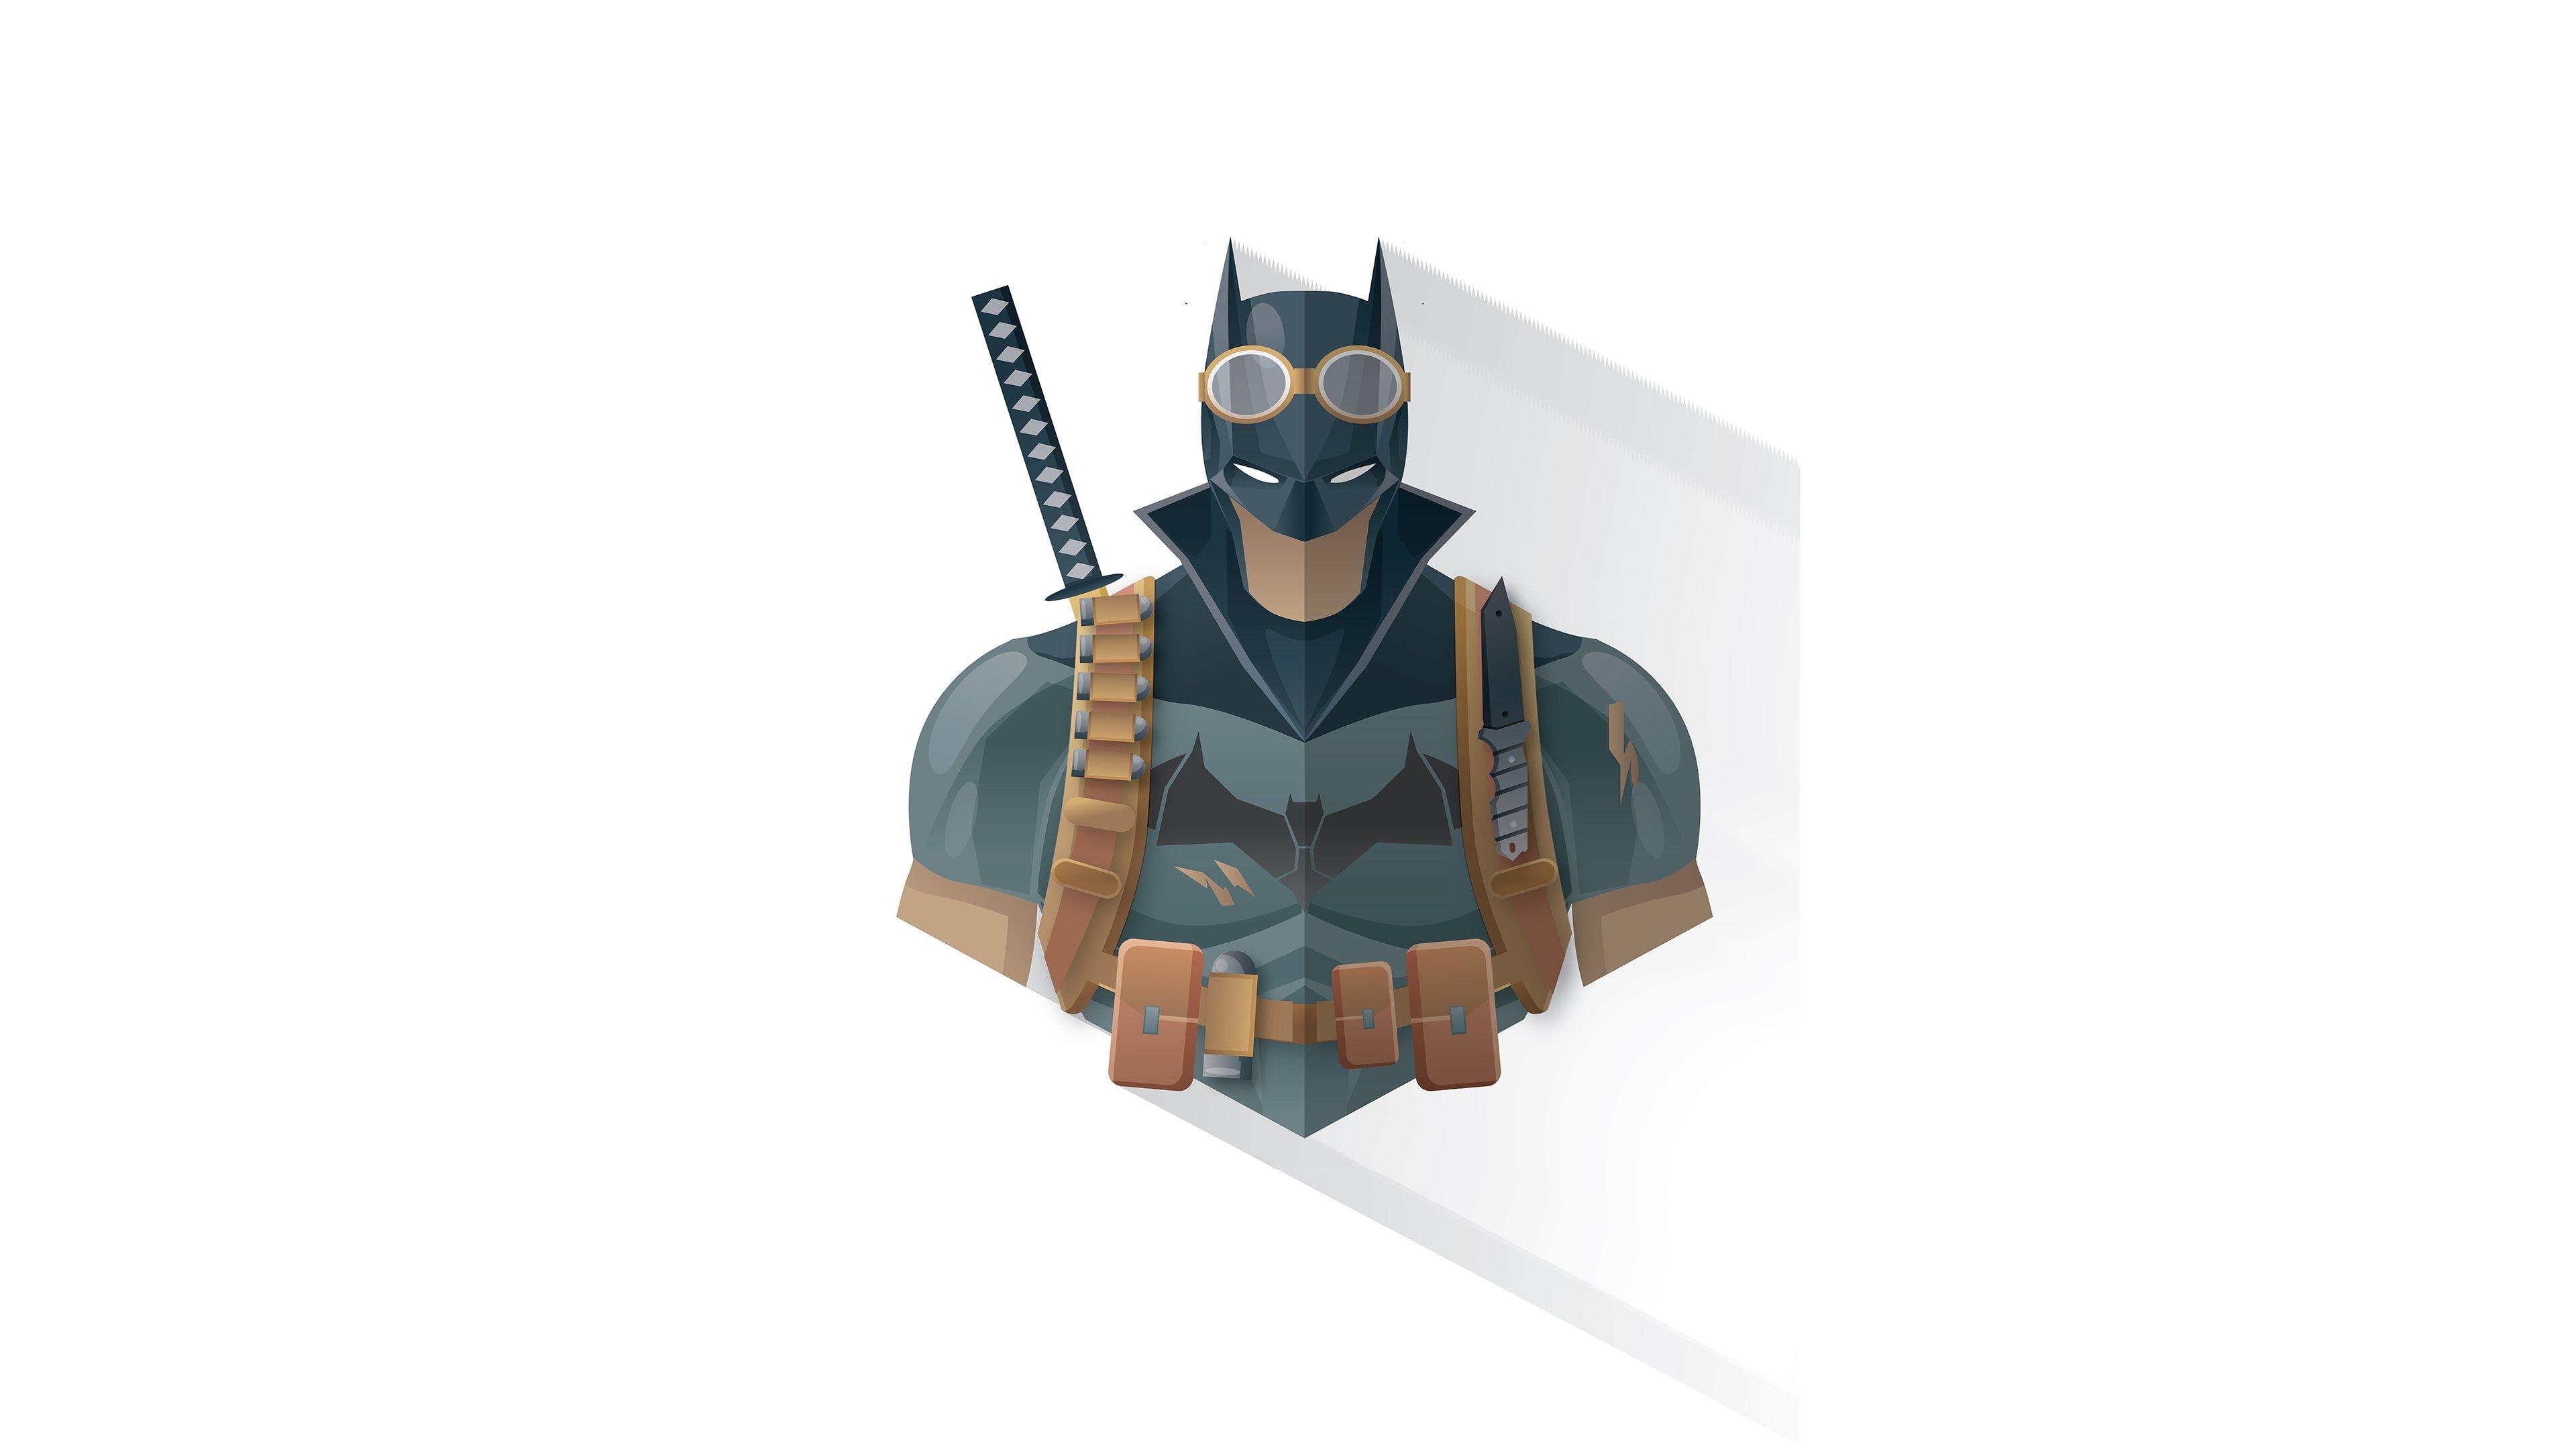 Wallpaper Batman Minimalist Illustration